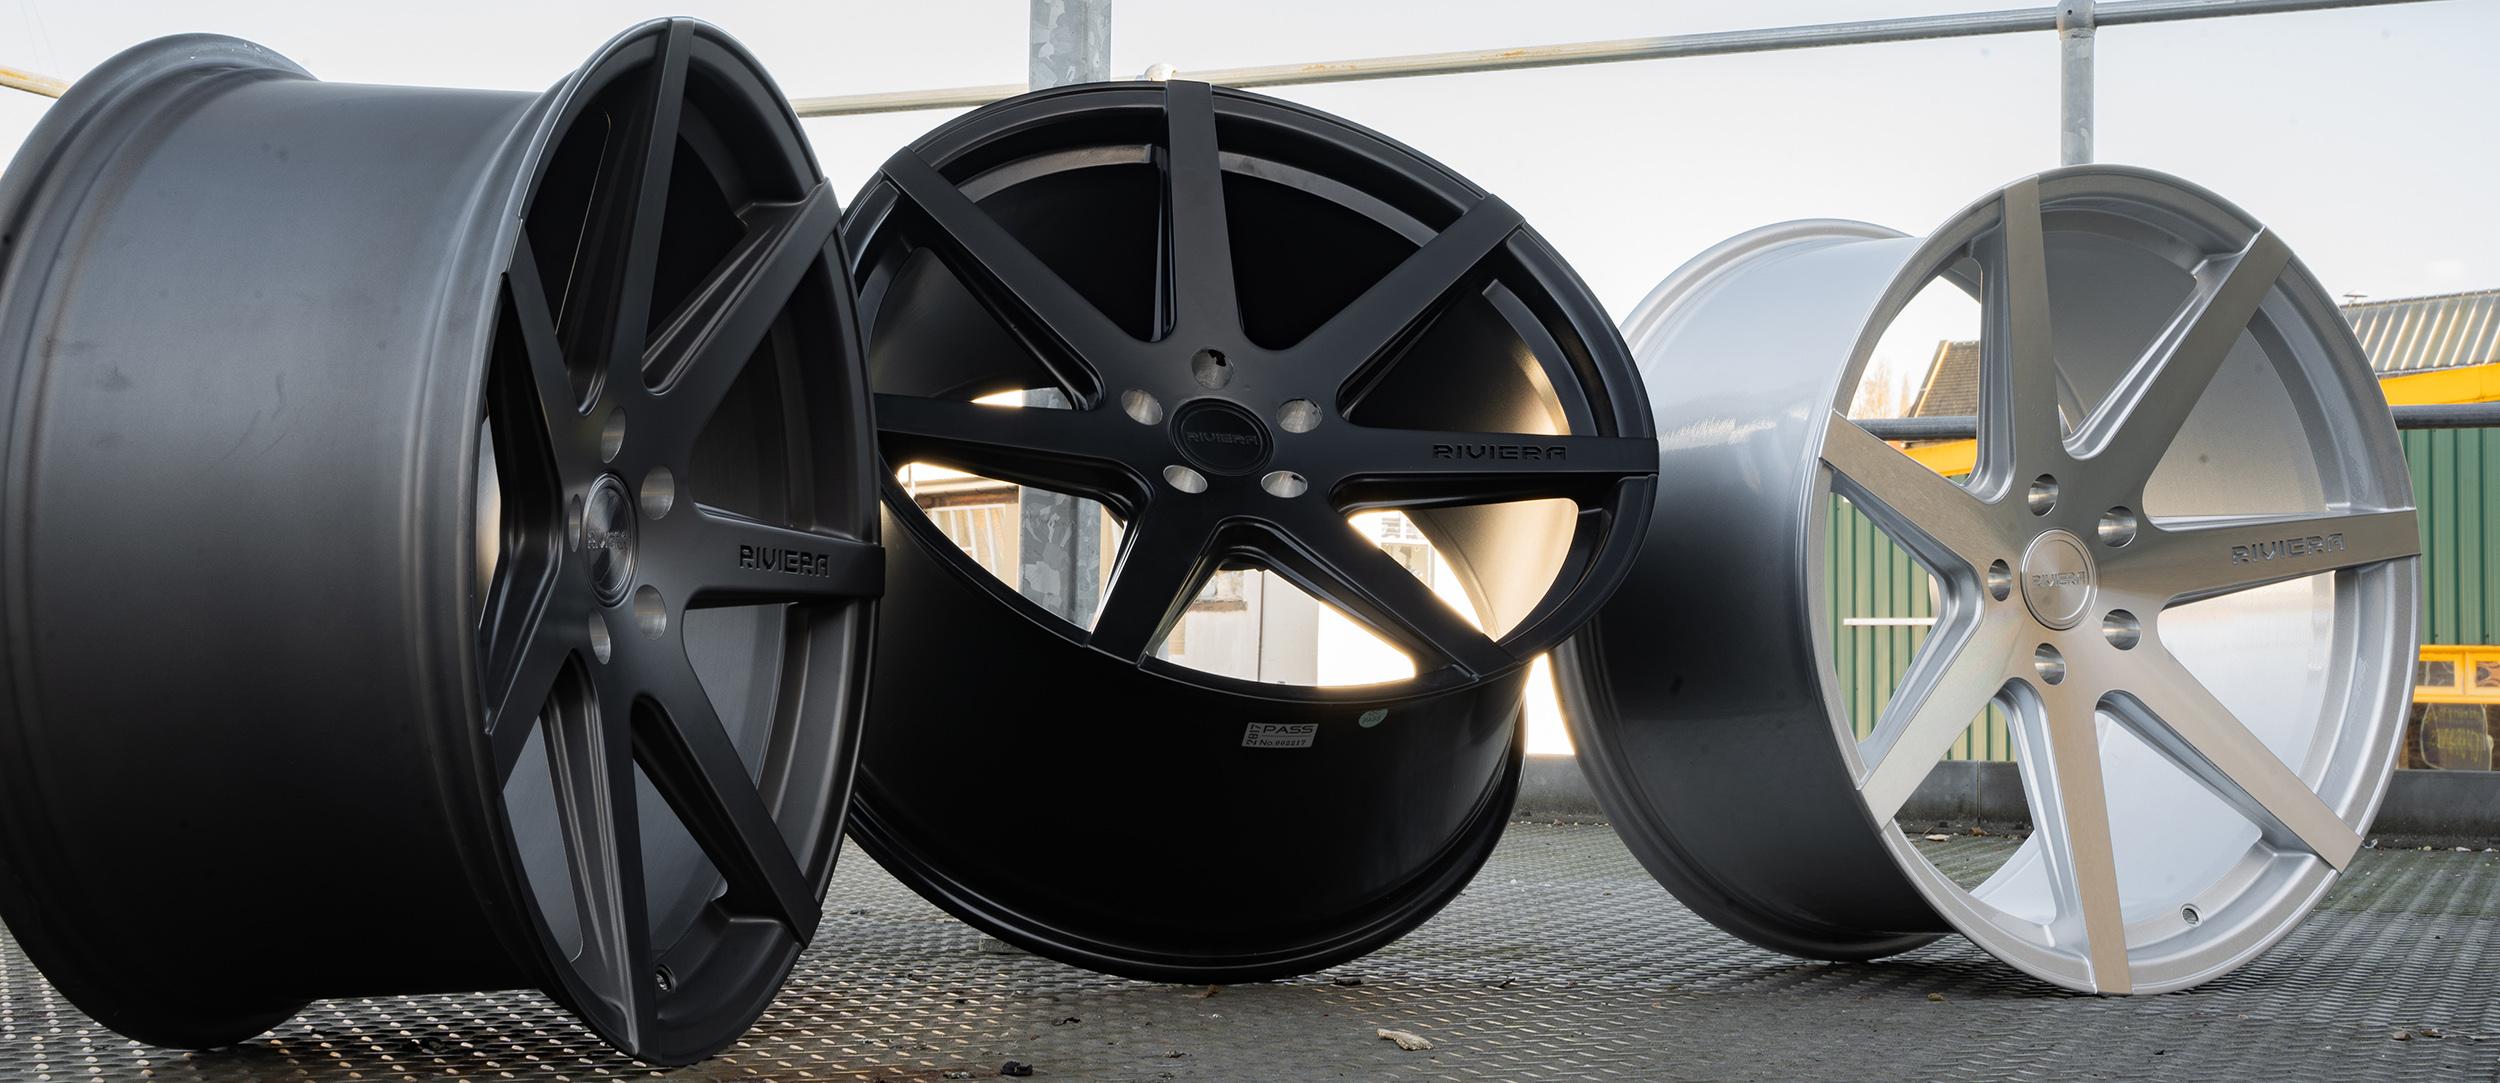 Riviera RV177 Deep Concave Cast Alloy wheel